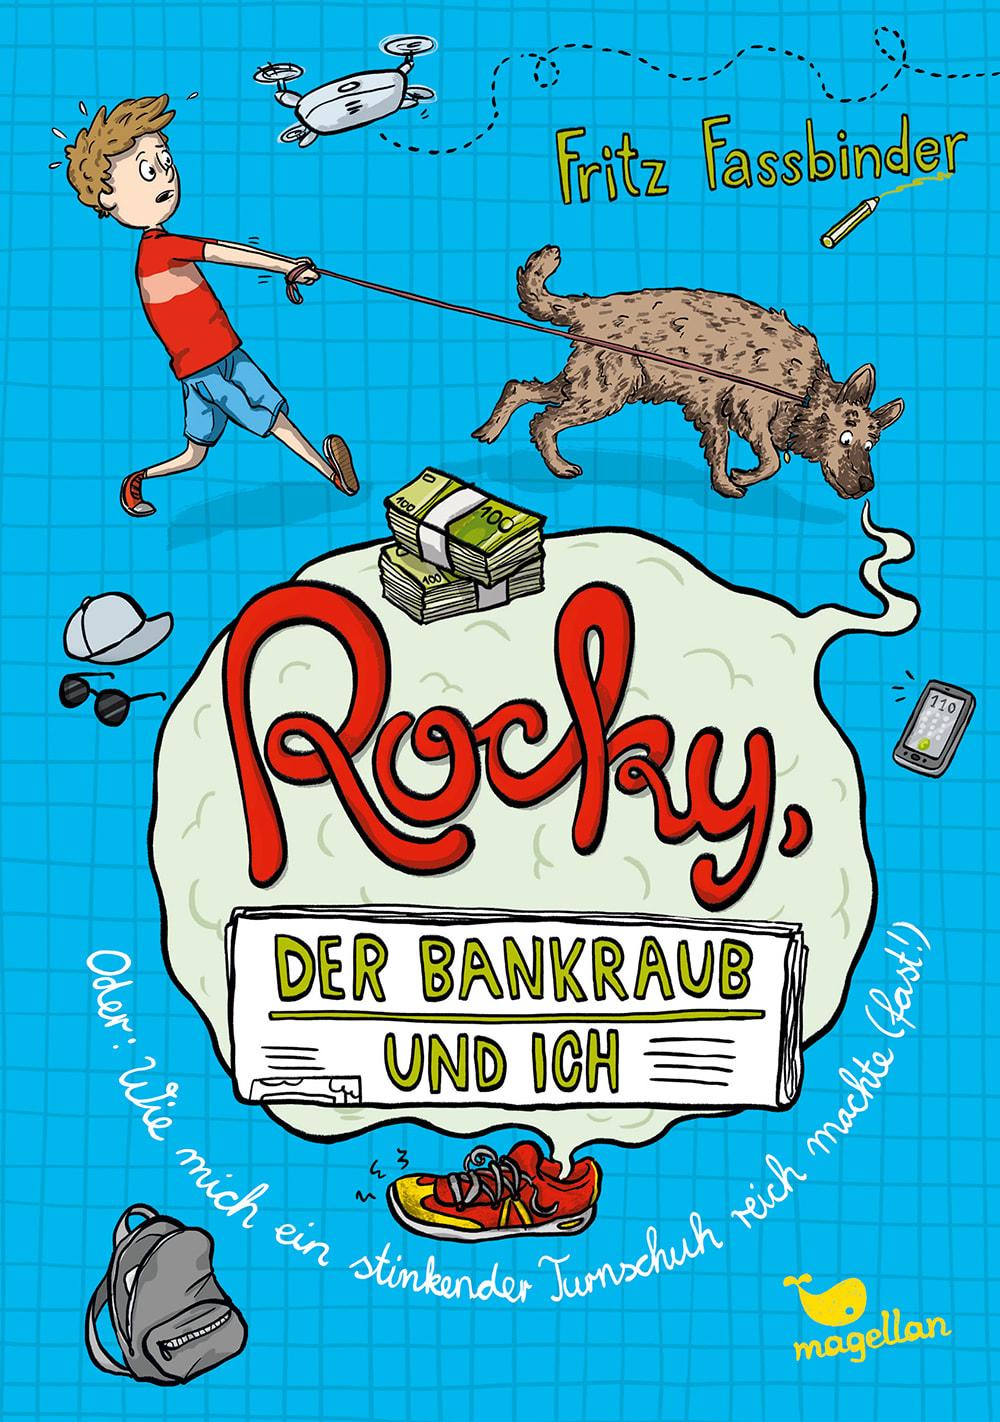 Rocky, der Bankraub und ich oder wie mich ein stinkender Turnschuh reich machte (fast!)